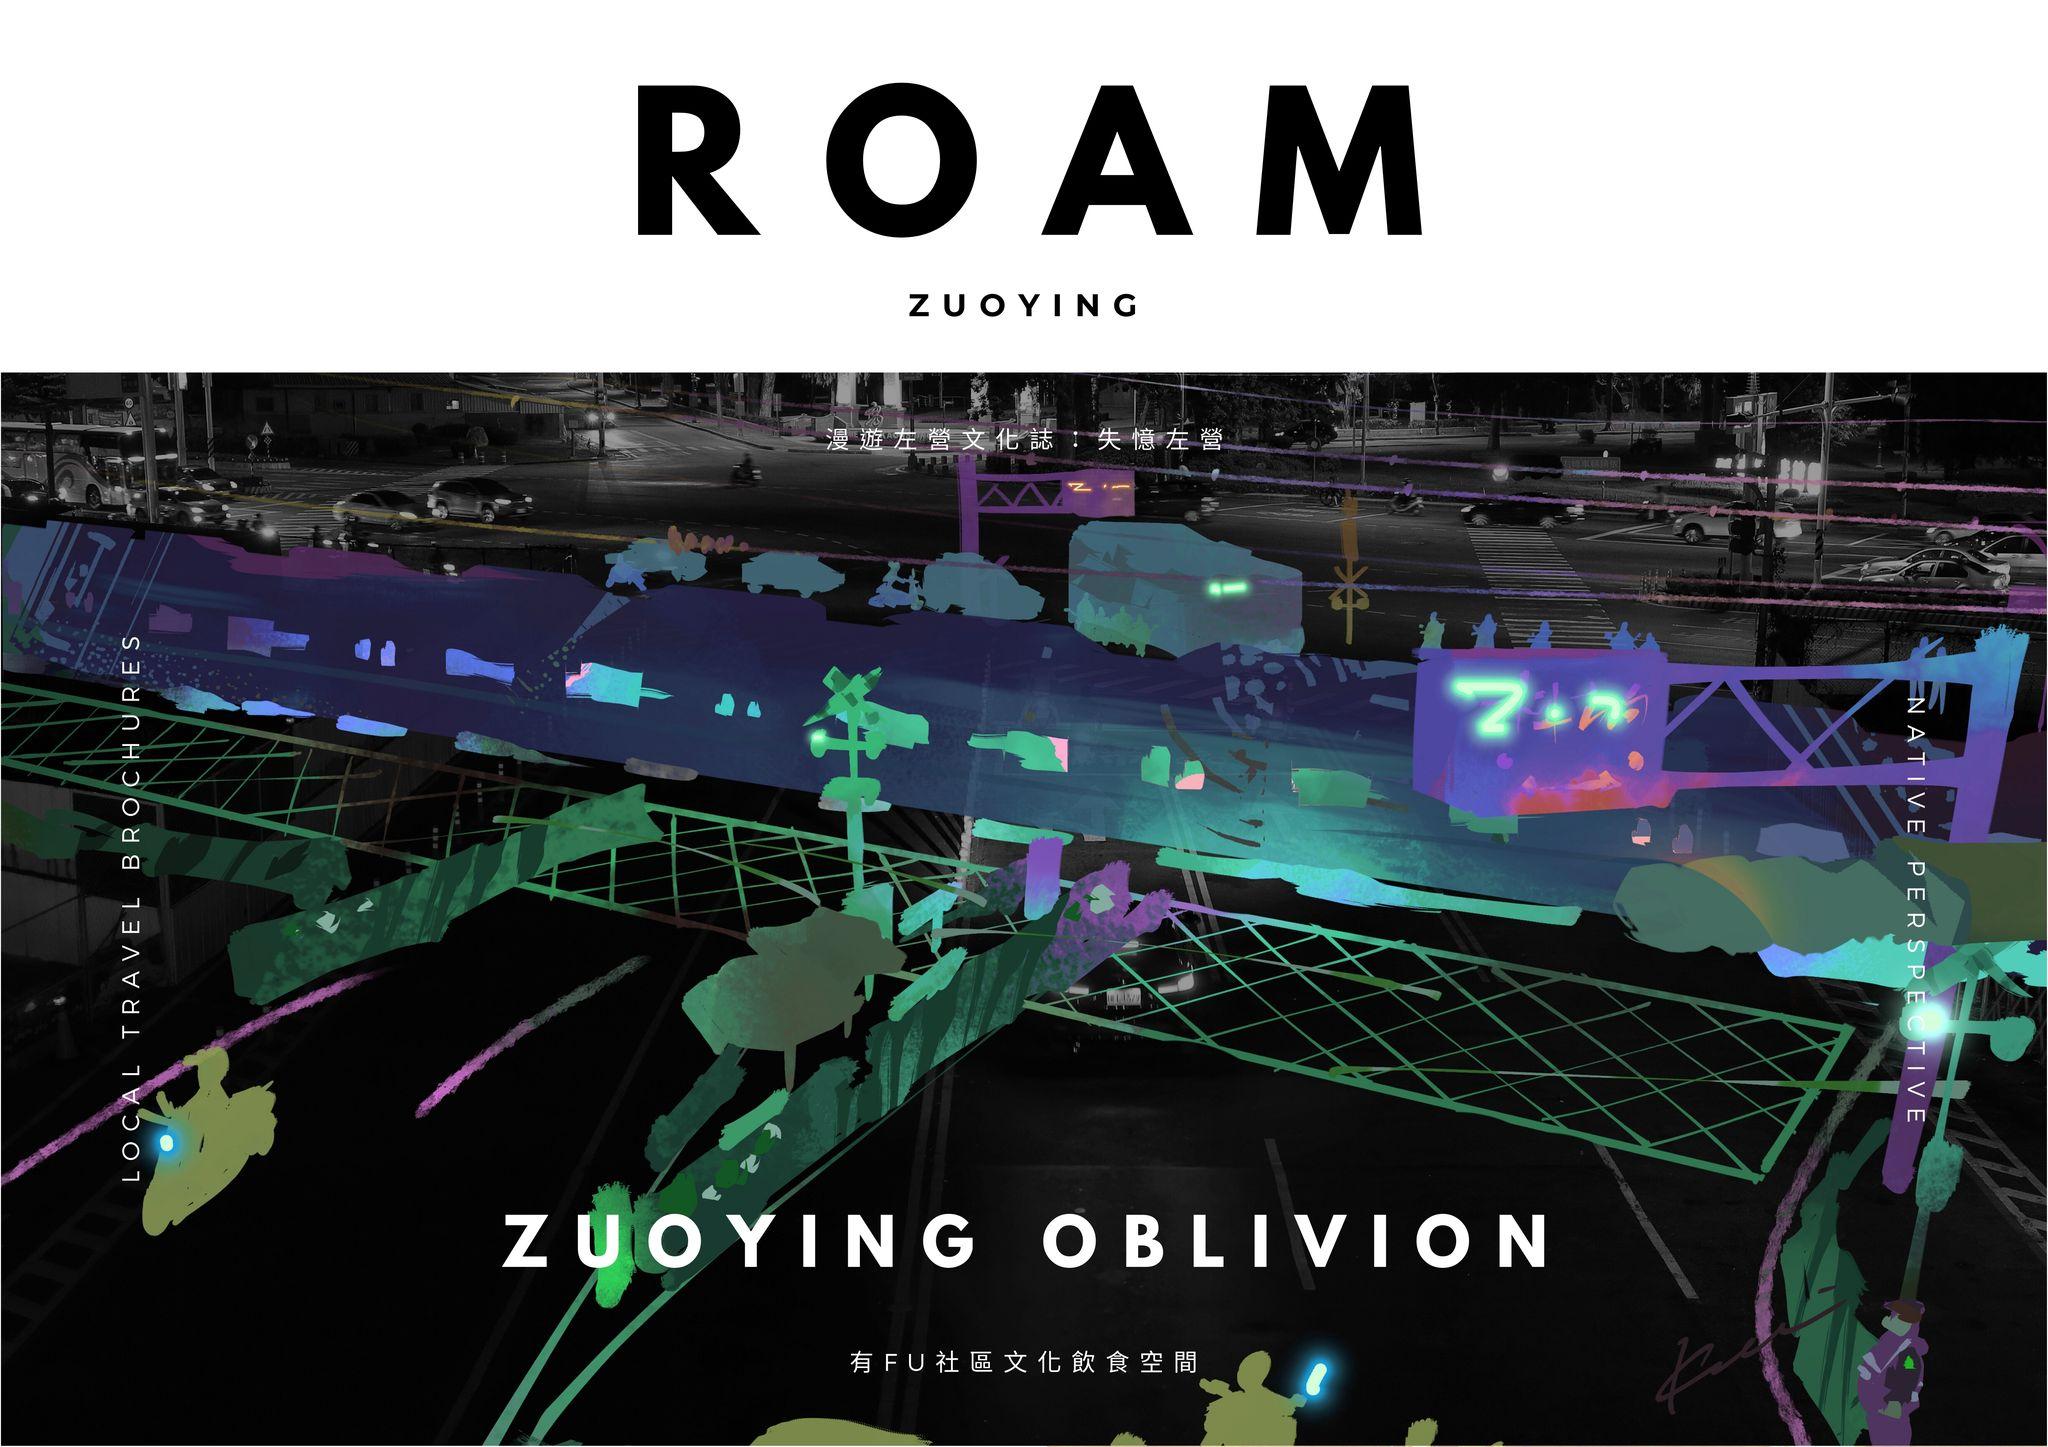 漫遊左營文化誌|Roam Zuoying Issue05 - 失憶左營